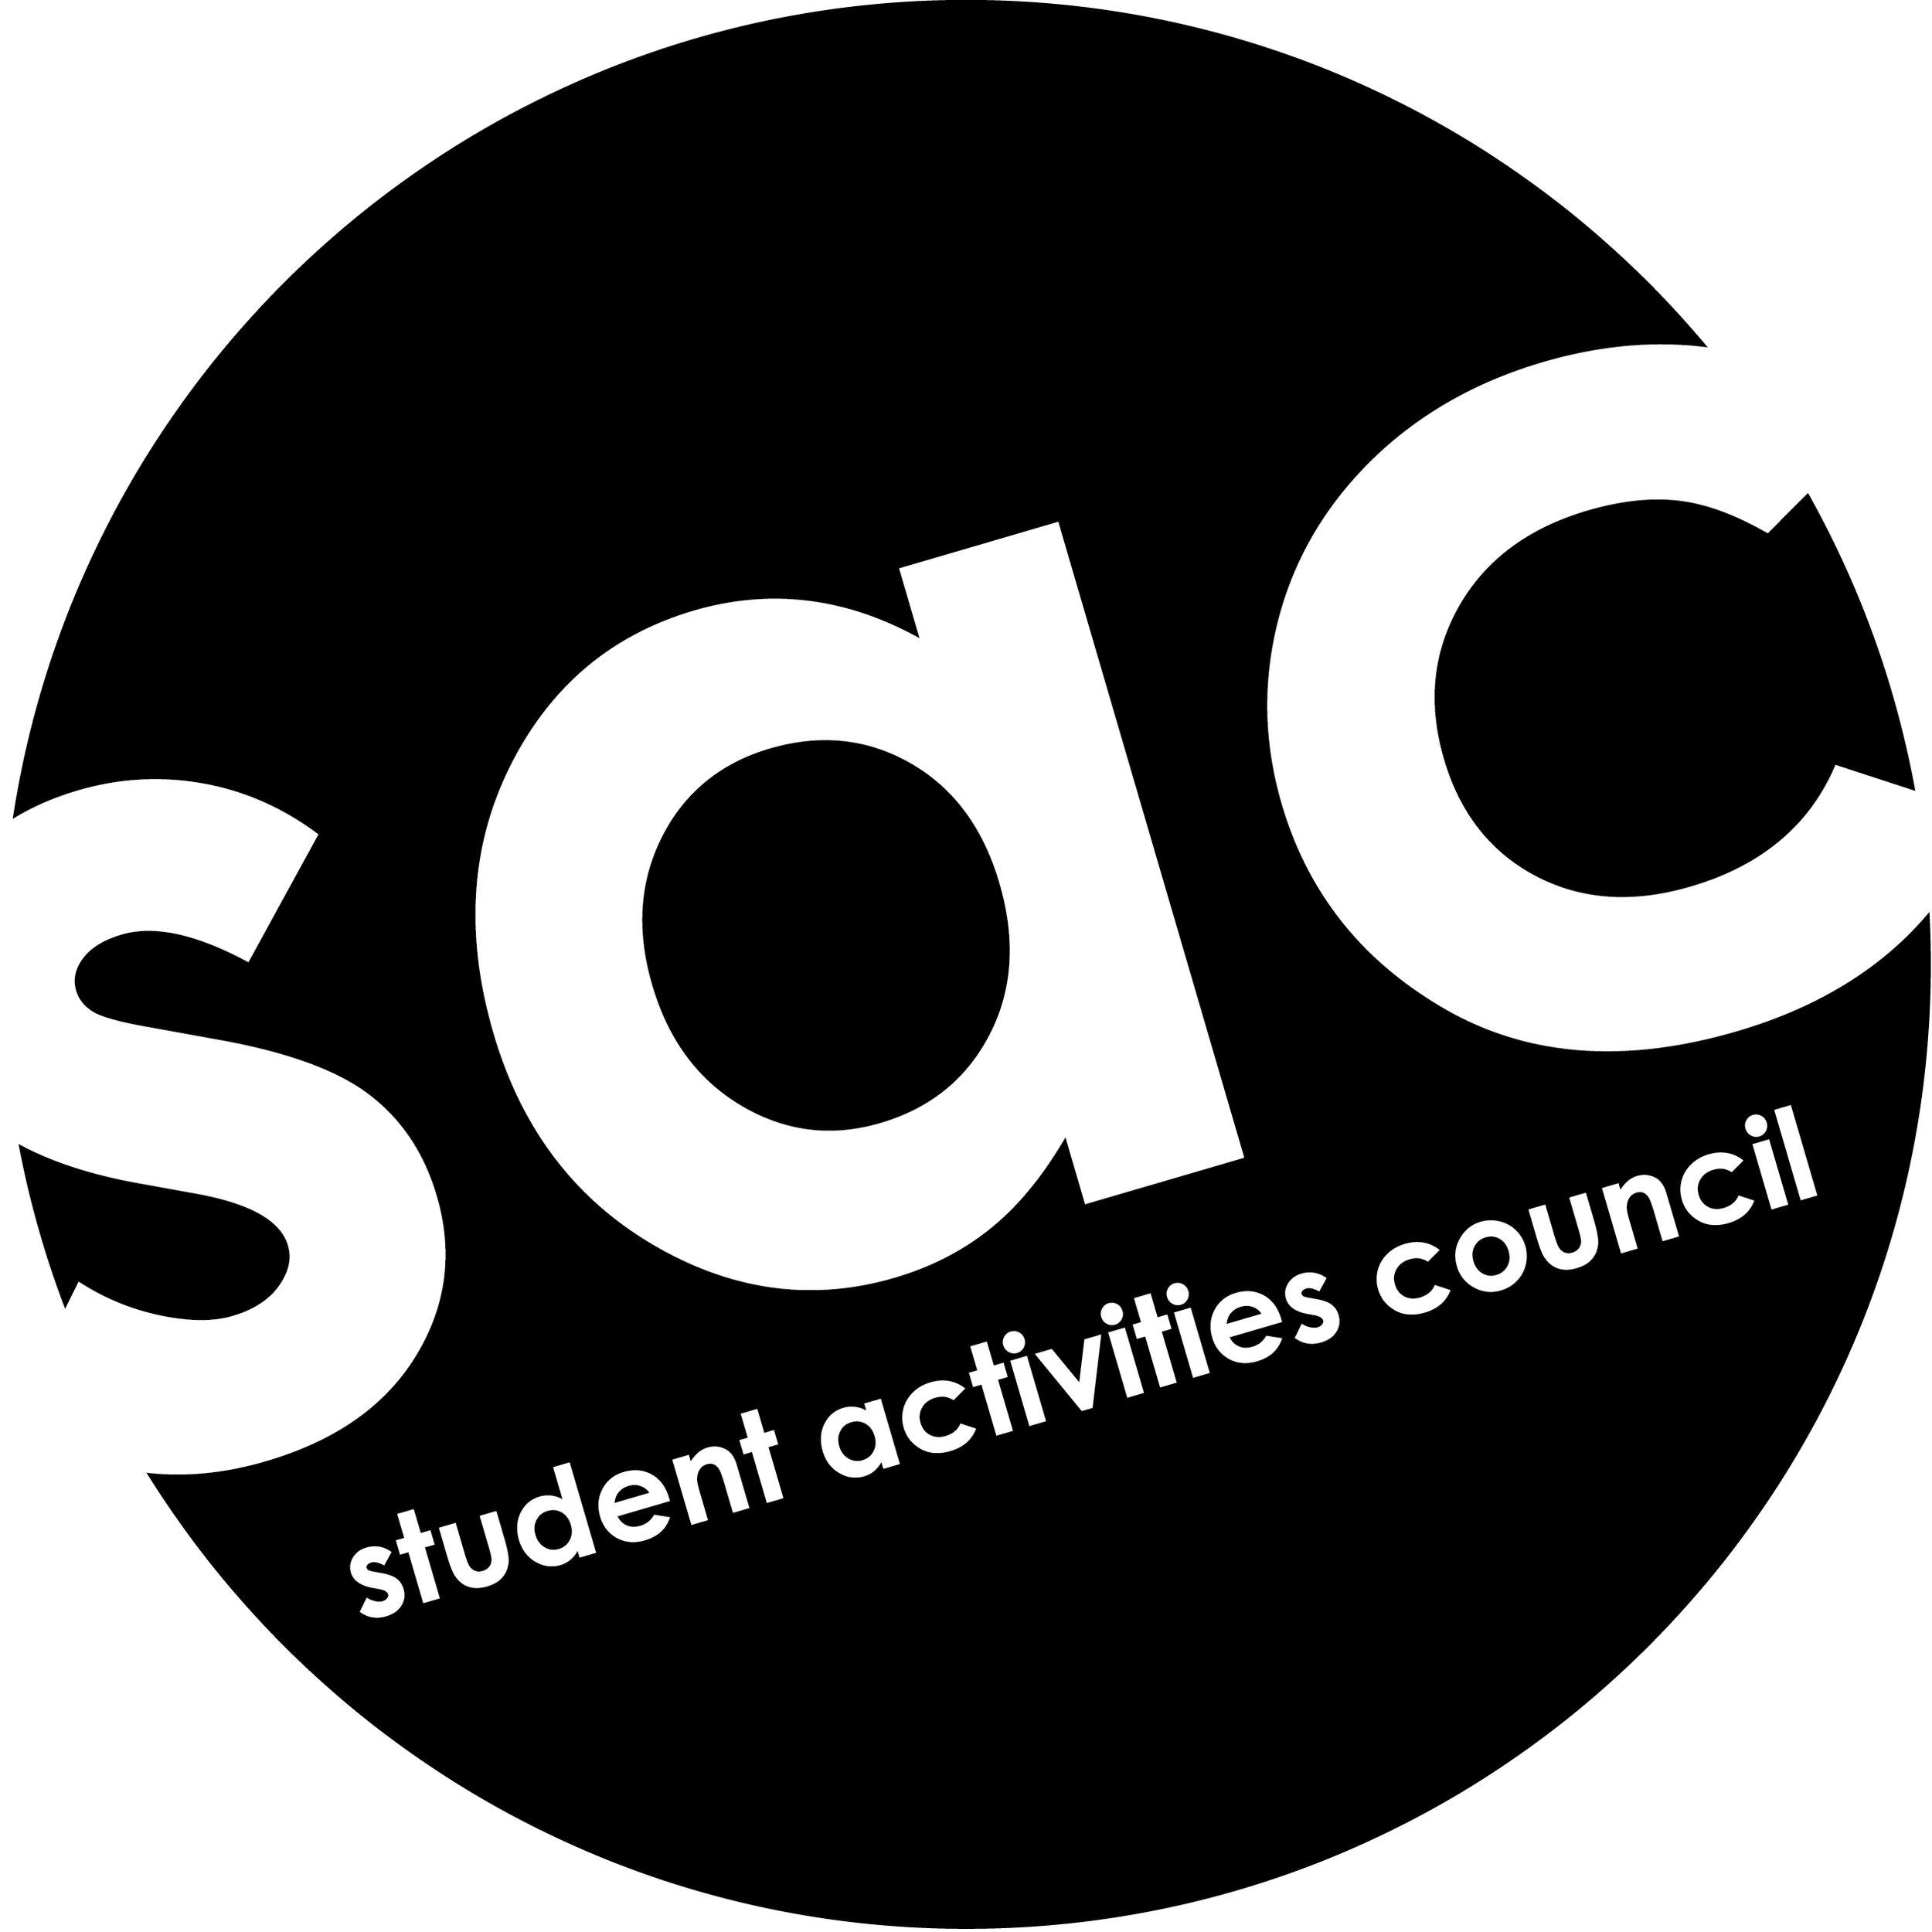 Sac logo1.jpg